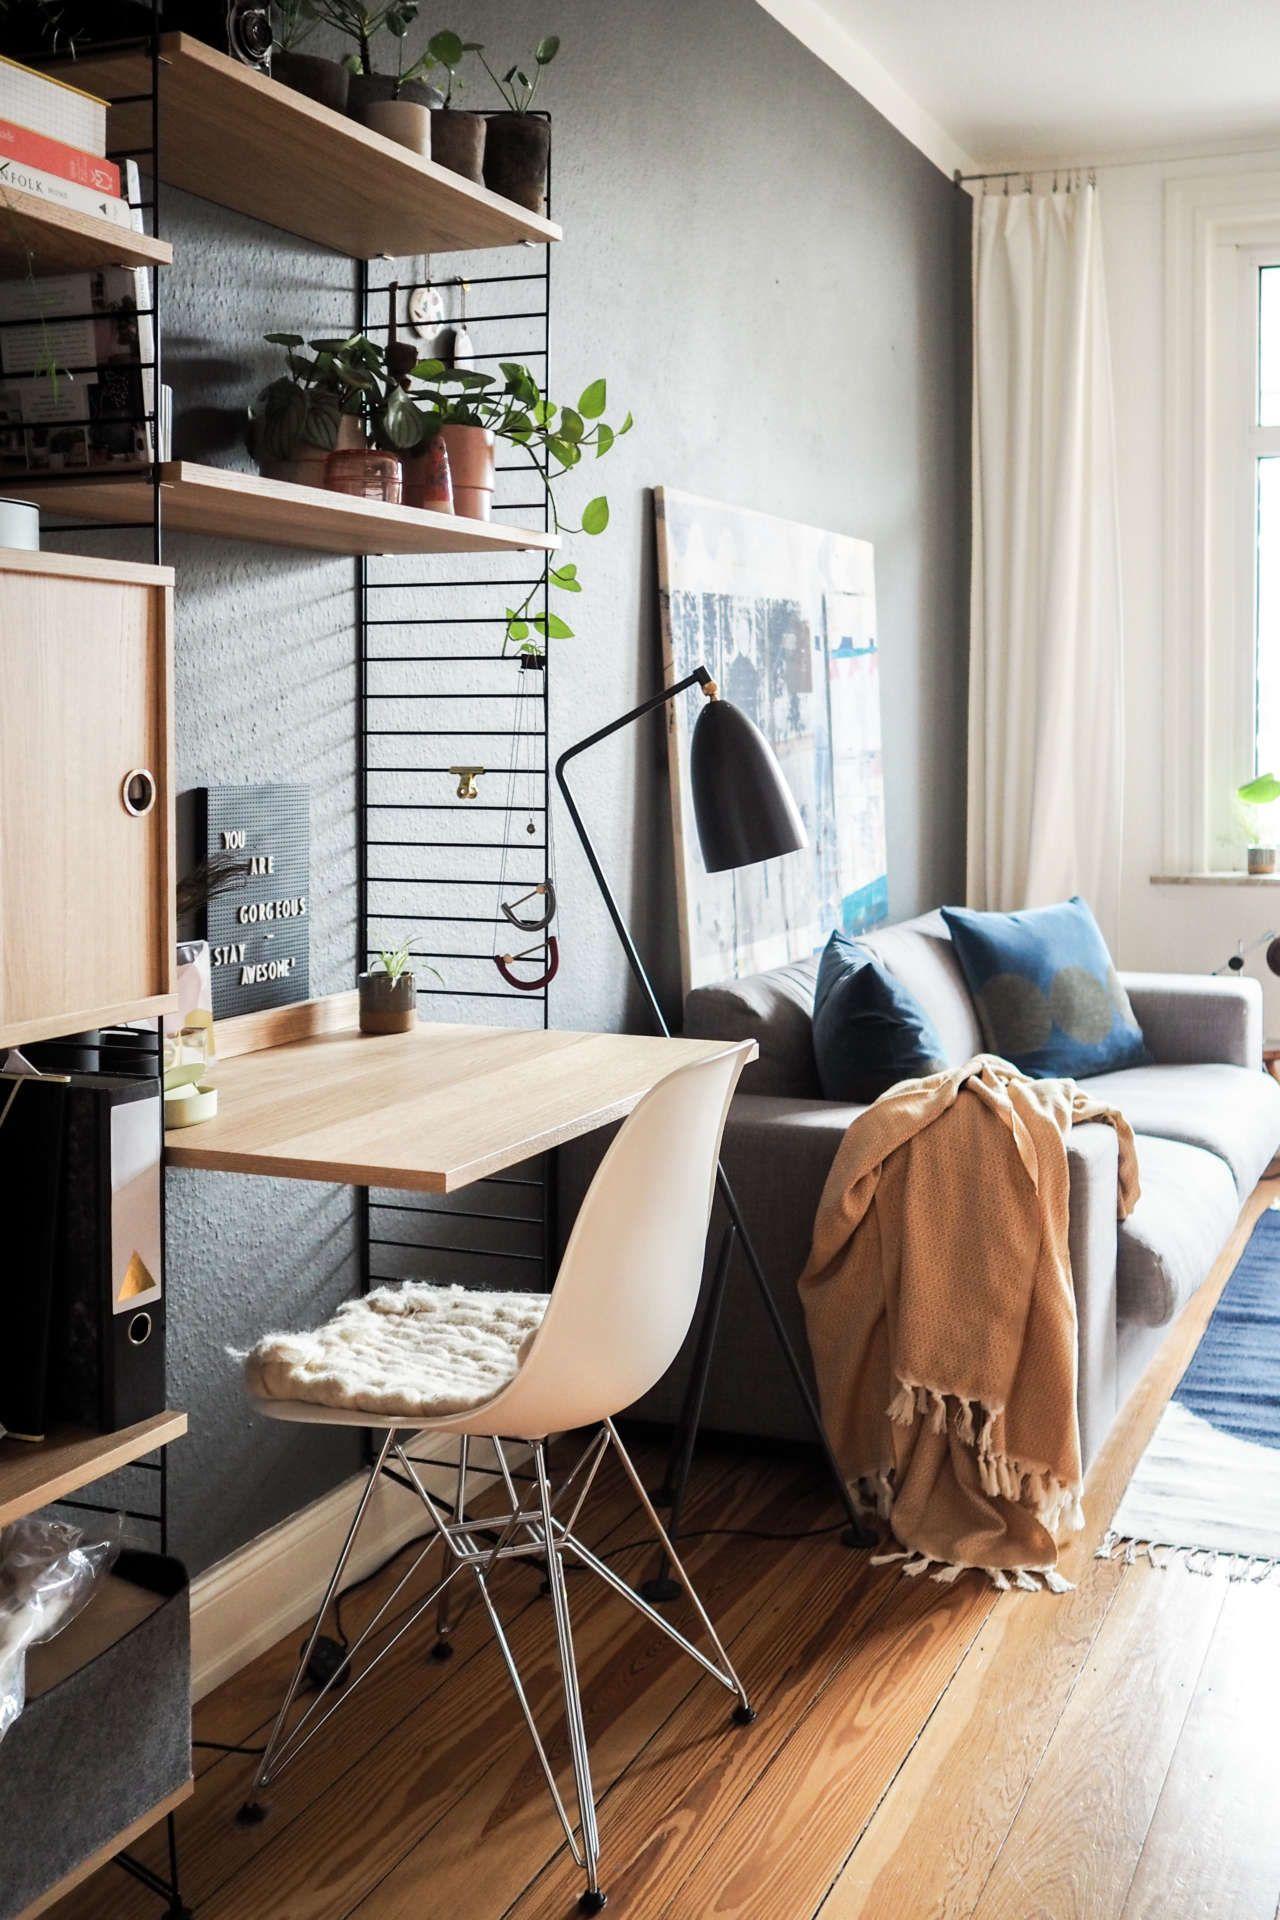 Mein Zuhause: Ein Wohnzimmer-Update | mieszkanie | Pinterest ...